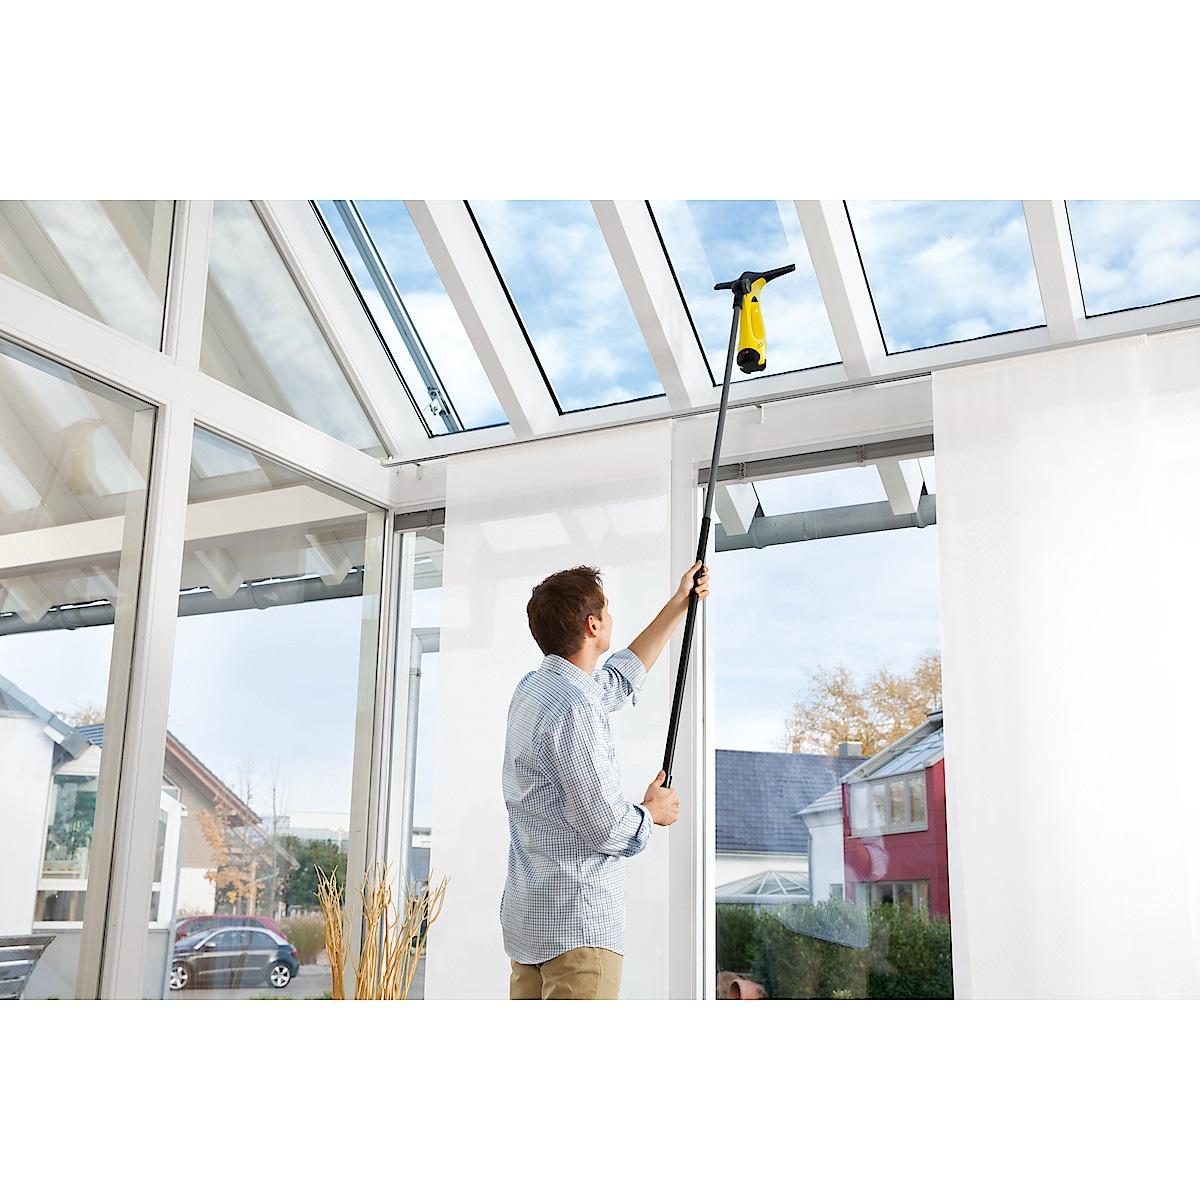 Förlängningsskaft till Kärcher fönstertvätt